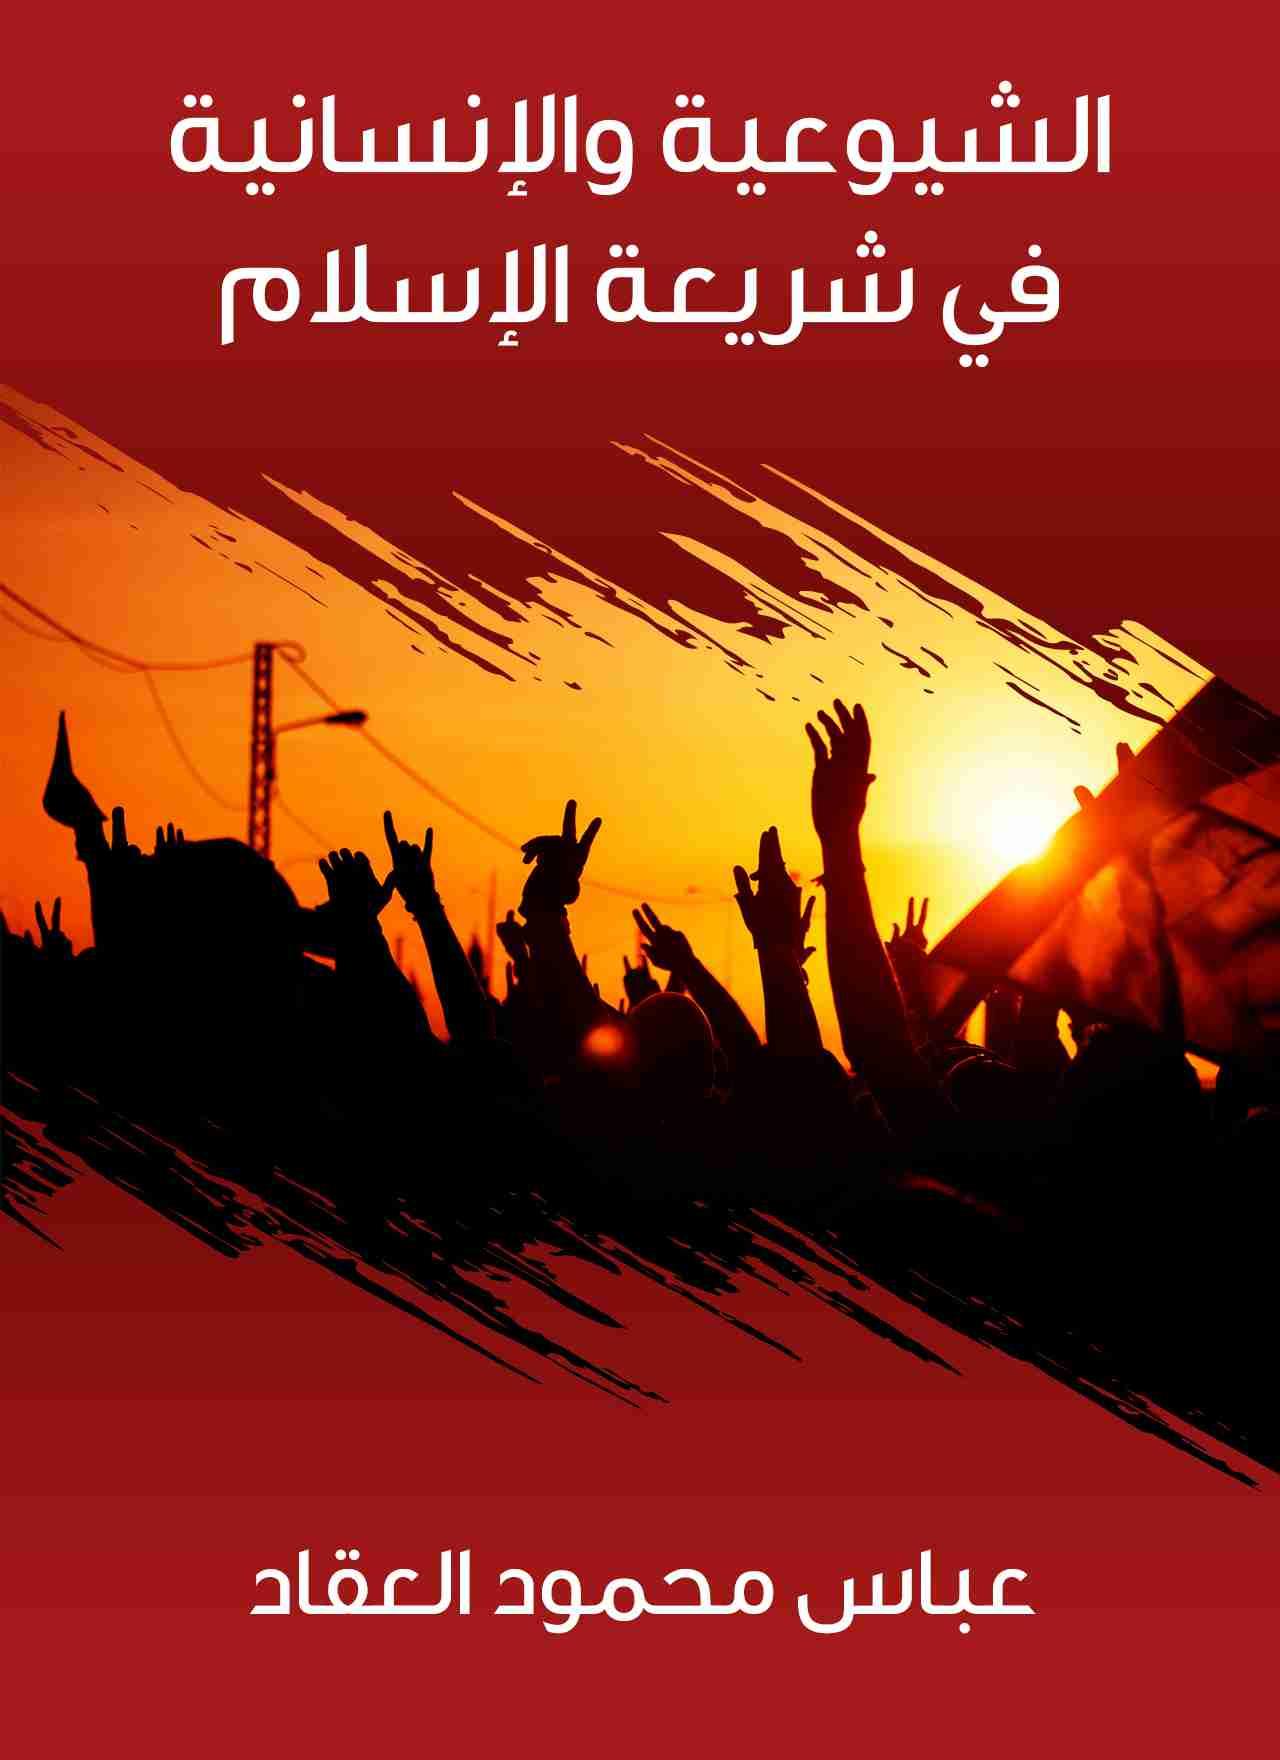 الشيوعية والإنسانية في شريعة الإسلام